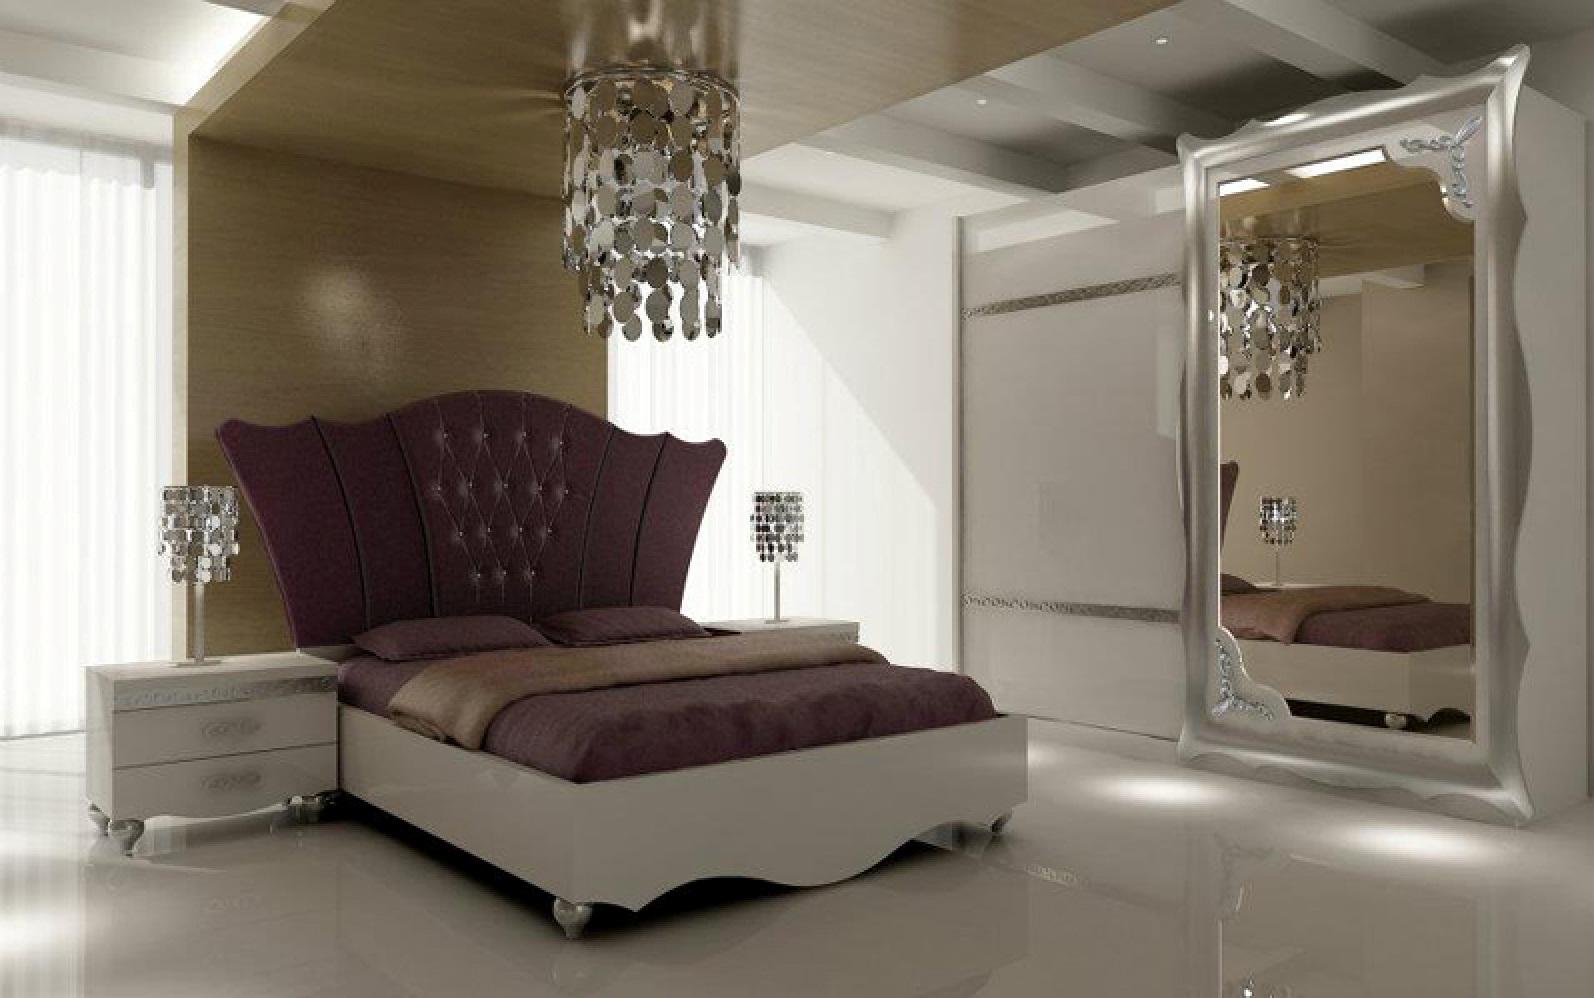 Leverancier van uw wens op maat gemaakt keukens badkamers kamerinterieur - Model slaapkamer ...